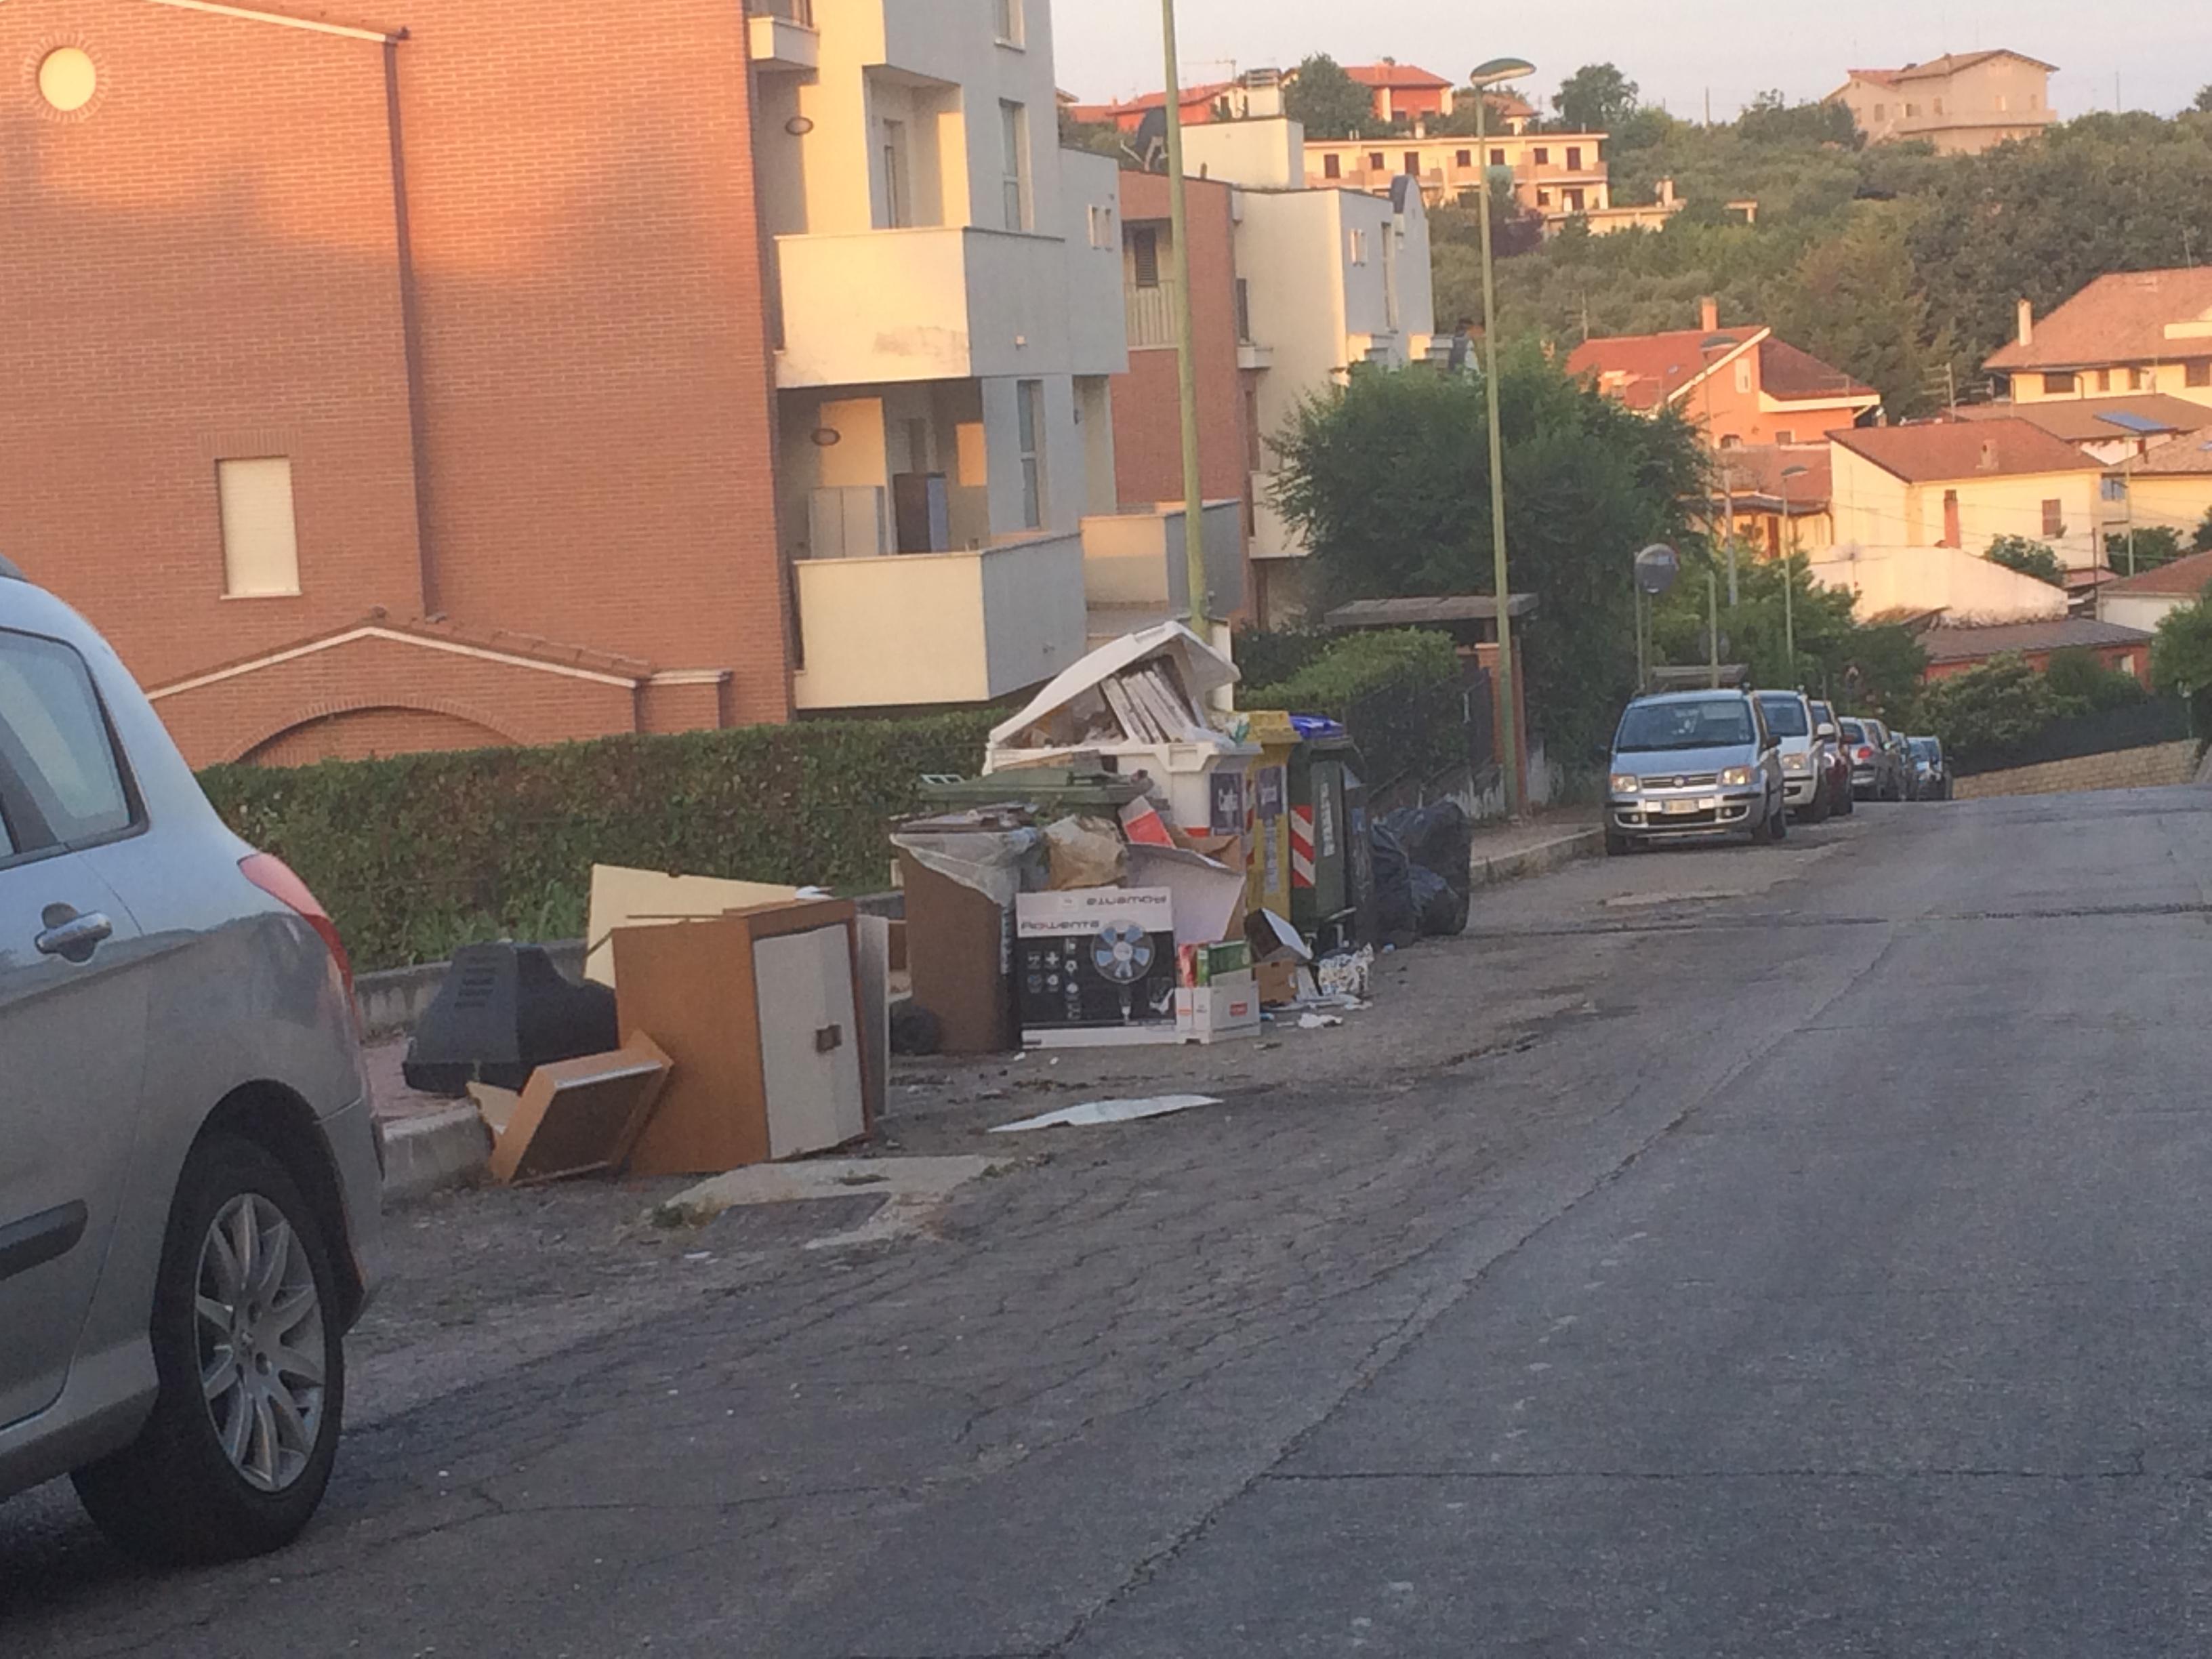 Pescara, che fine hanno fatto le telecamere per gli incivili?